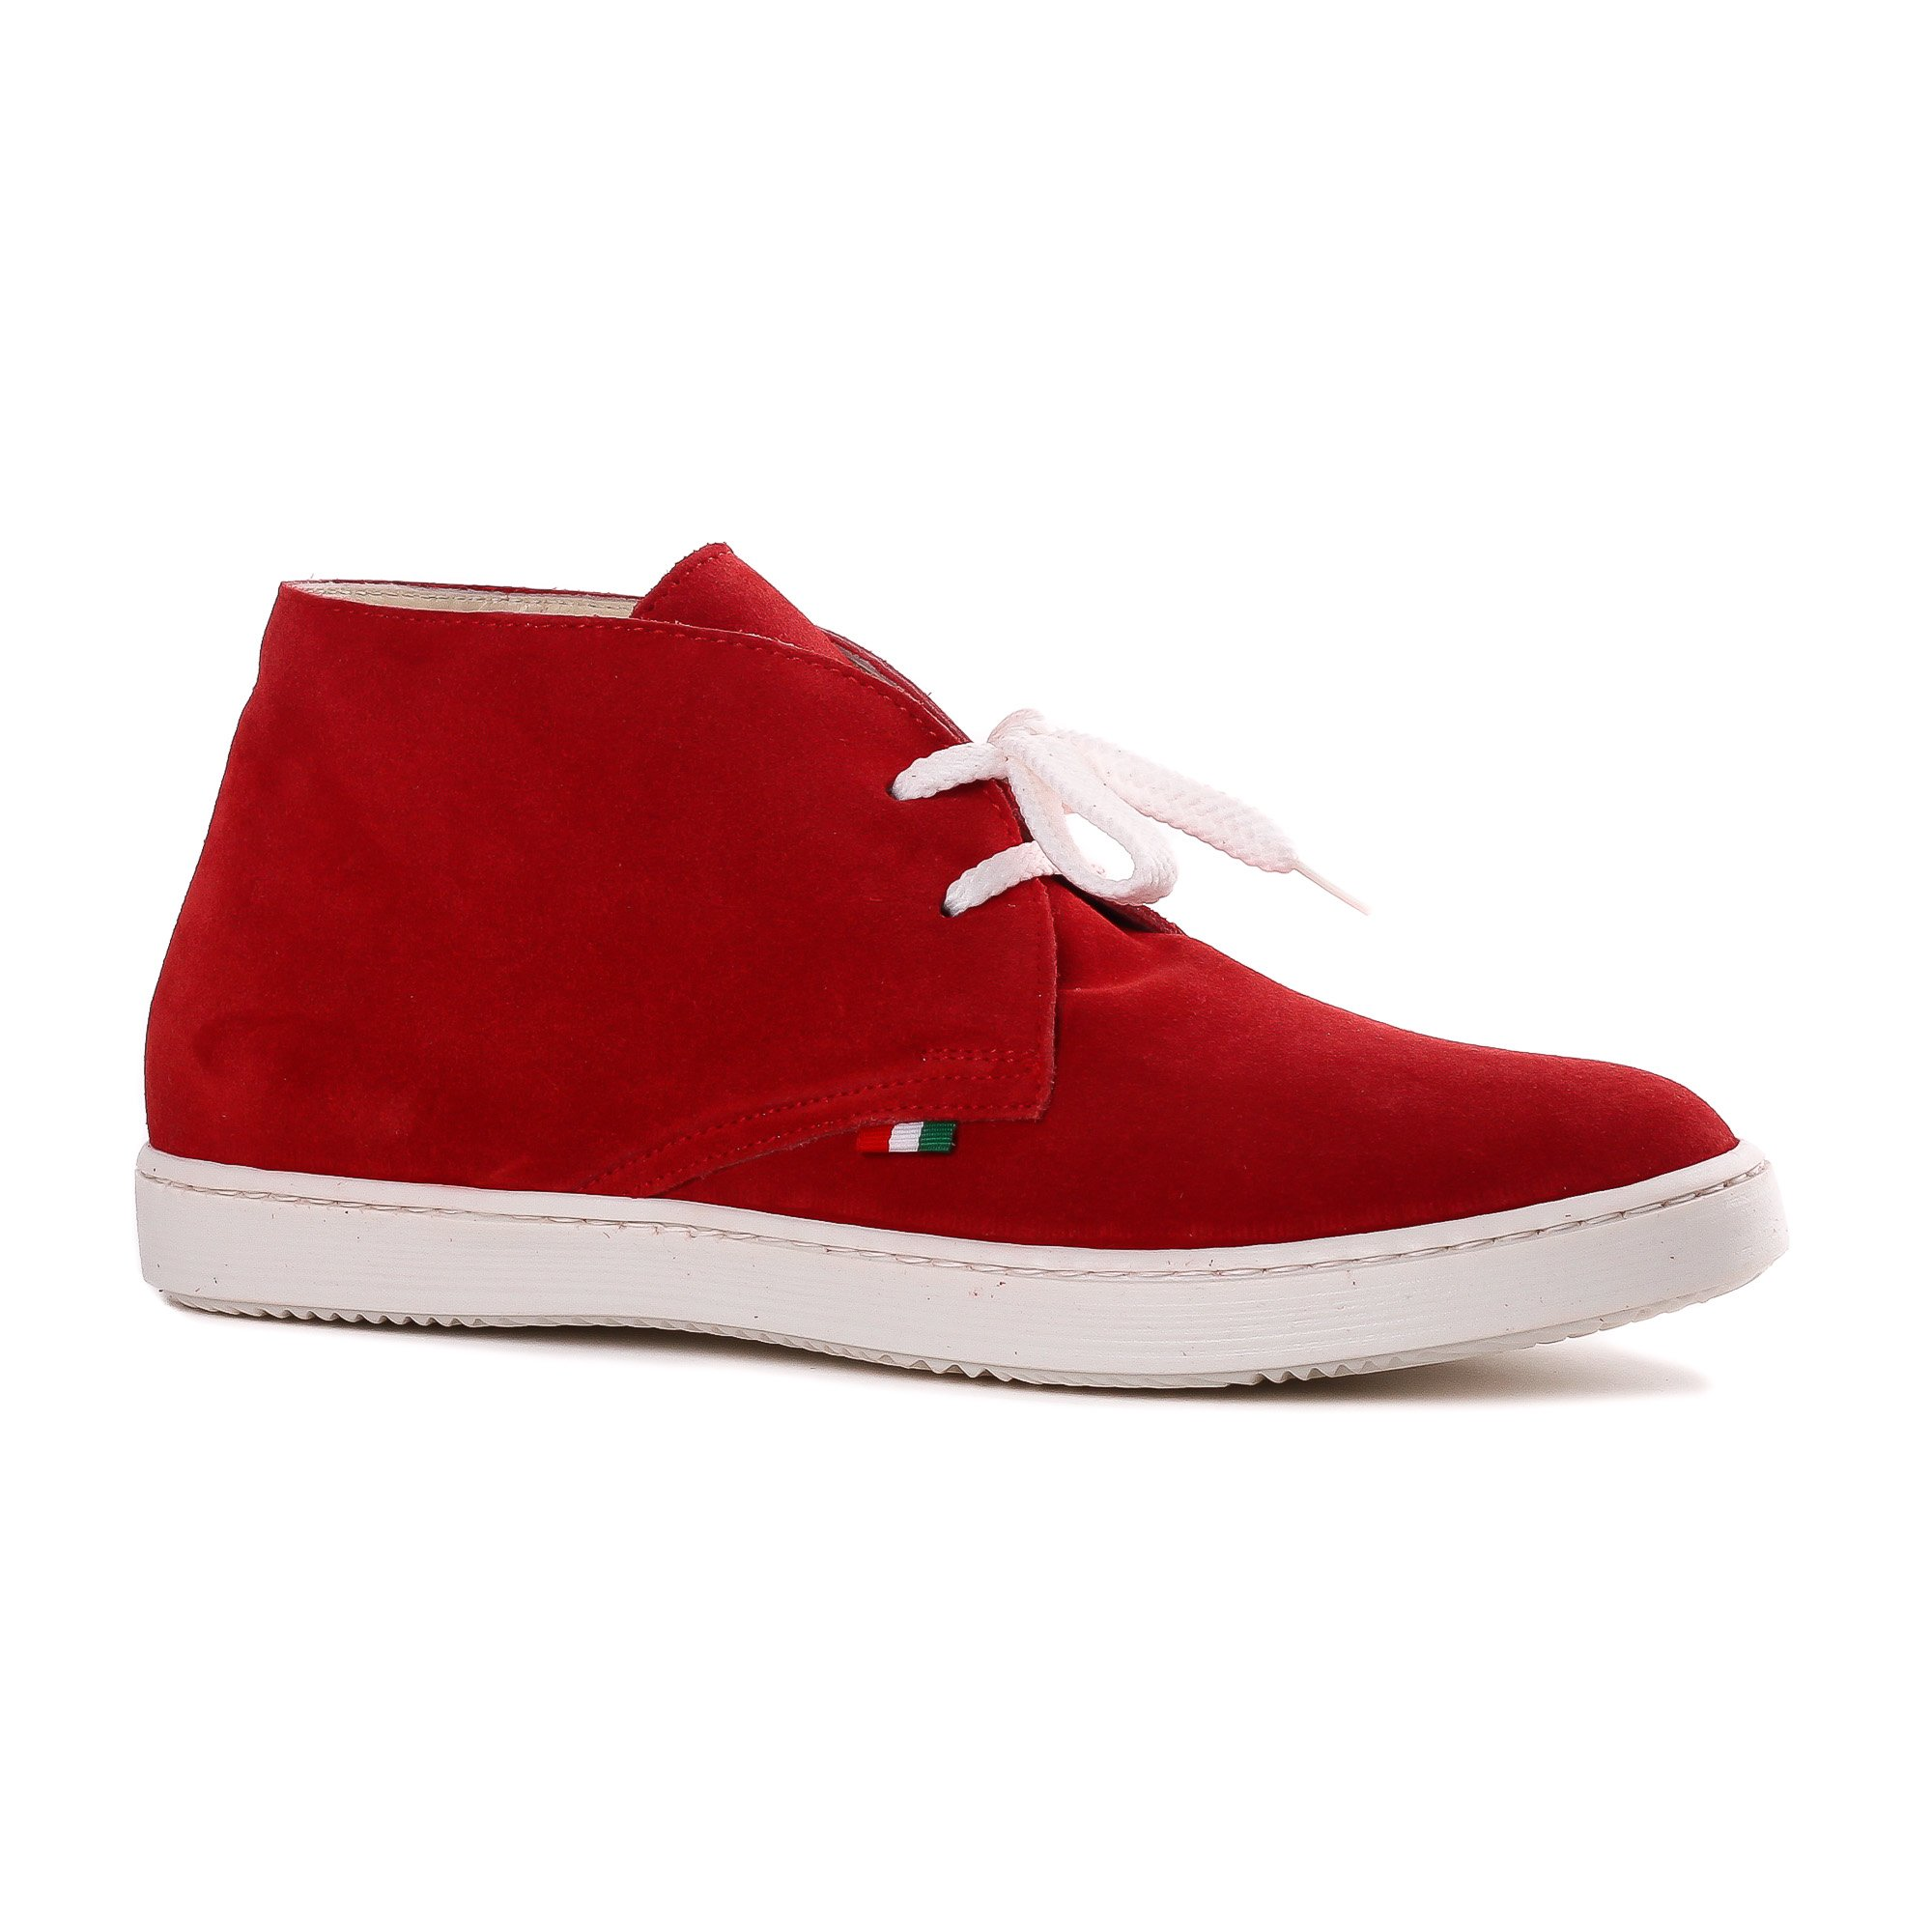 Ботинки женские ALESSANDRO E9321 красные 38 RU.